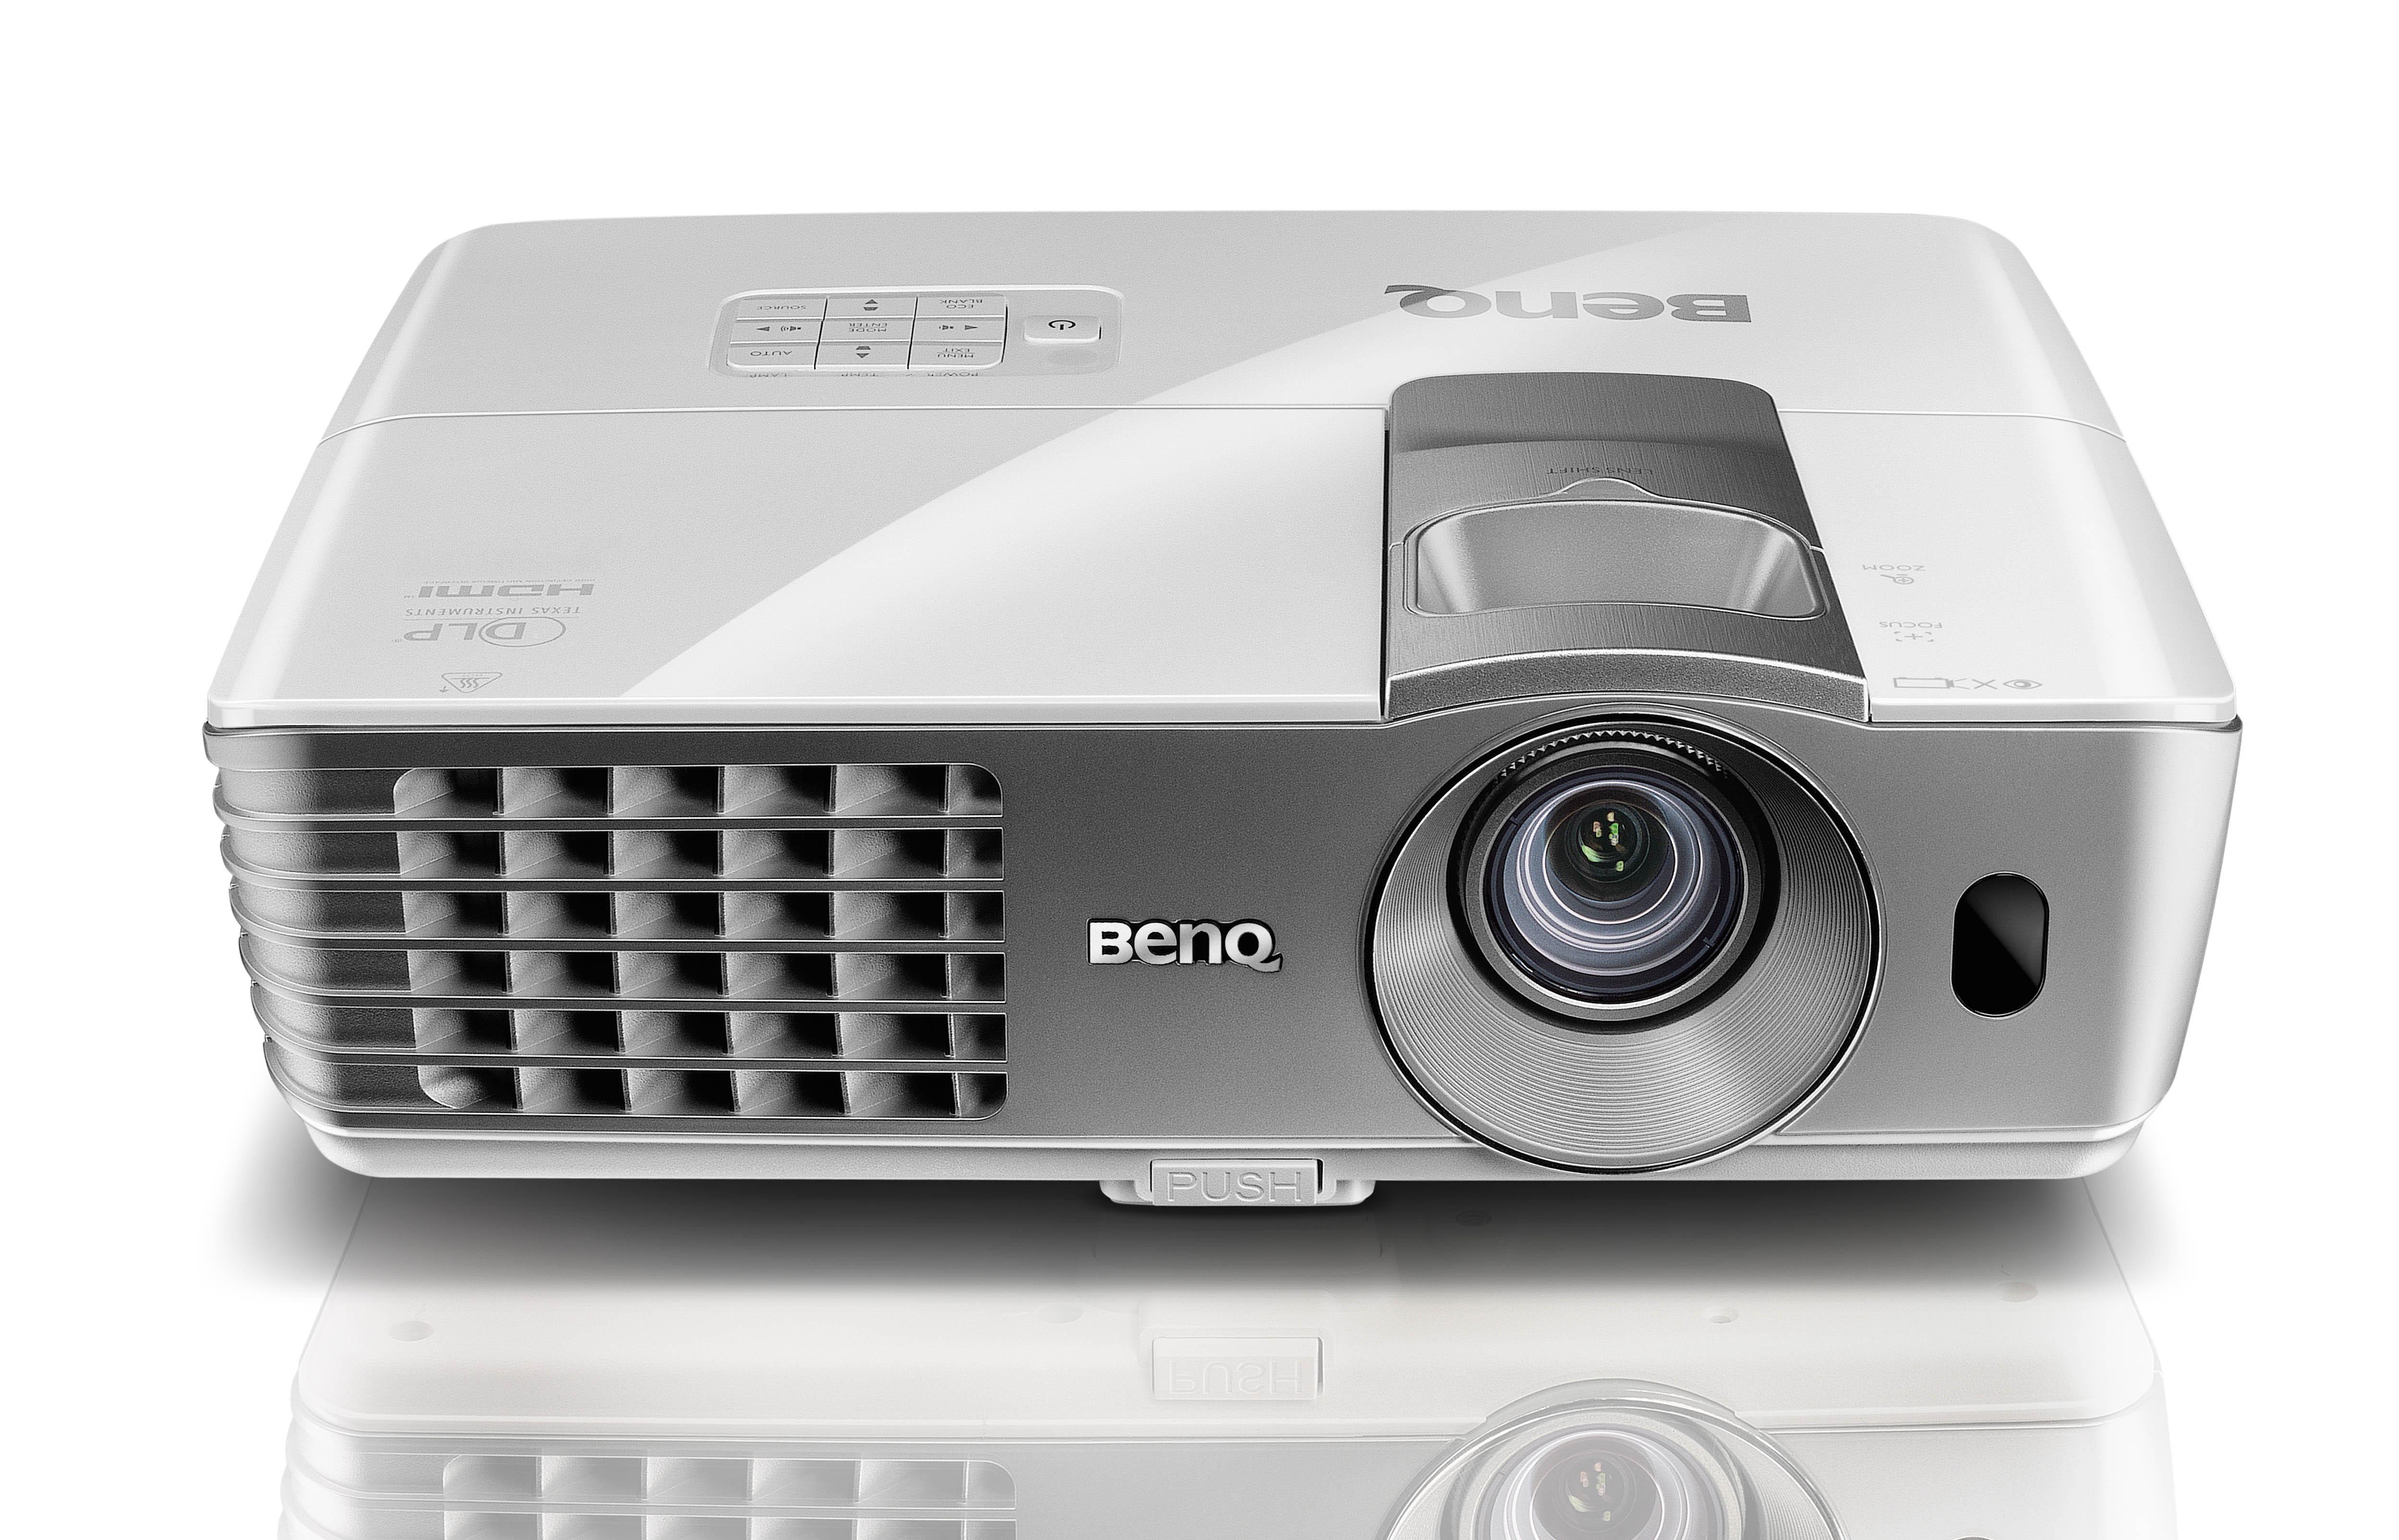 benq projektoren: benq w1070 hdtv dlp beamer, Wohnzimmer dekoo